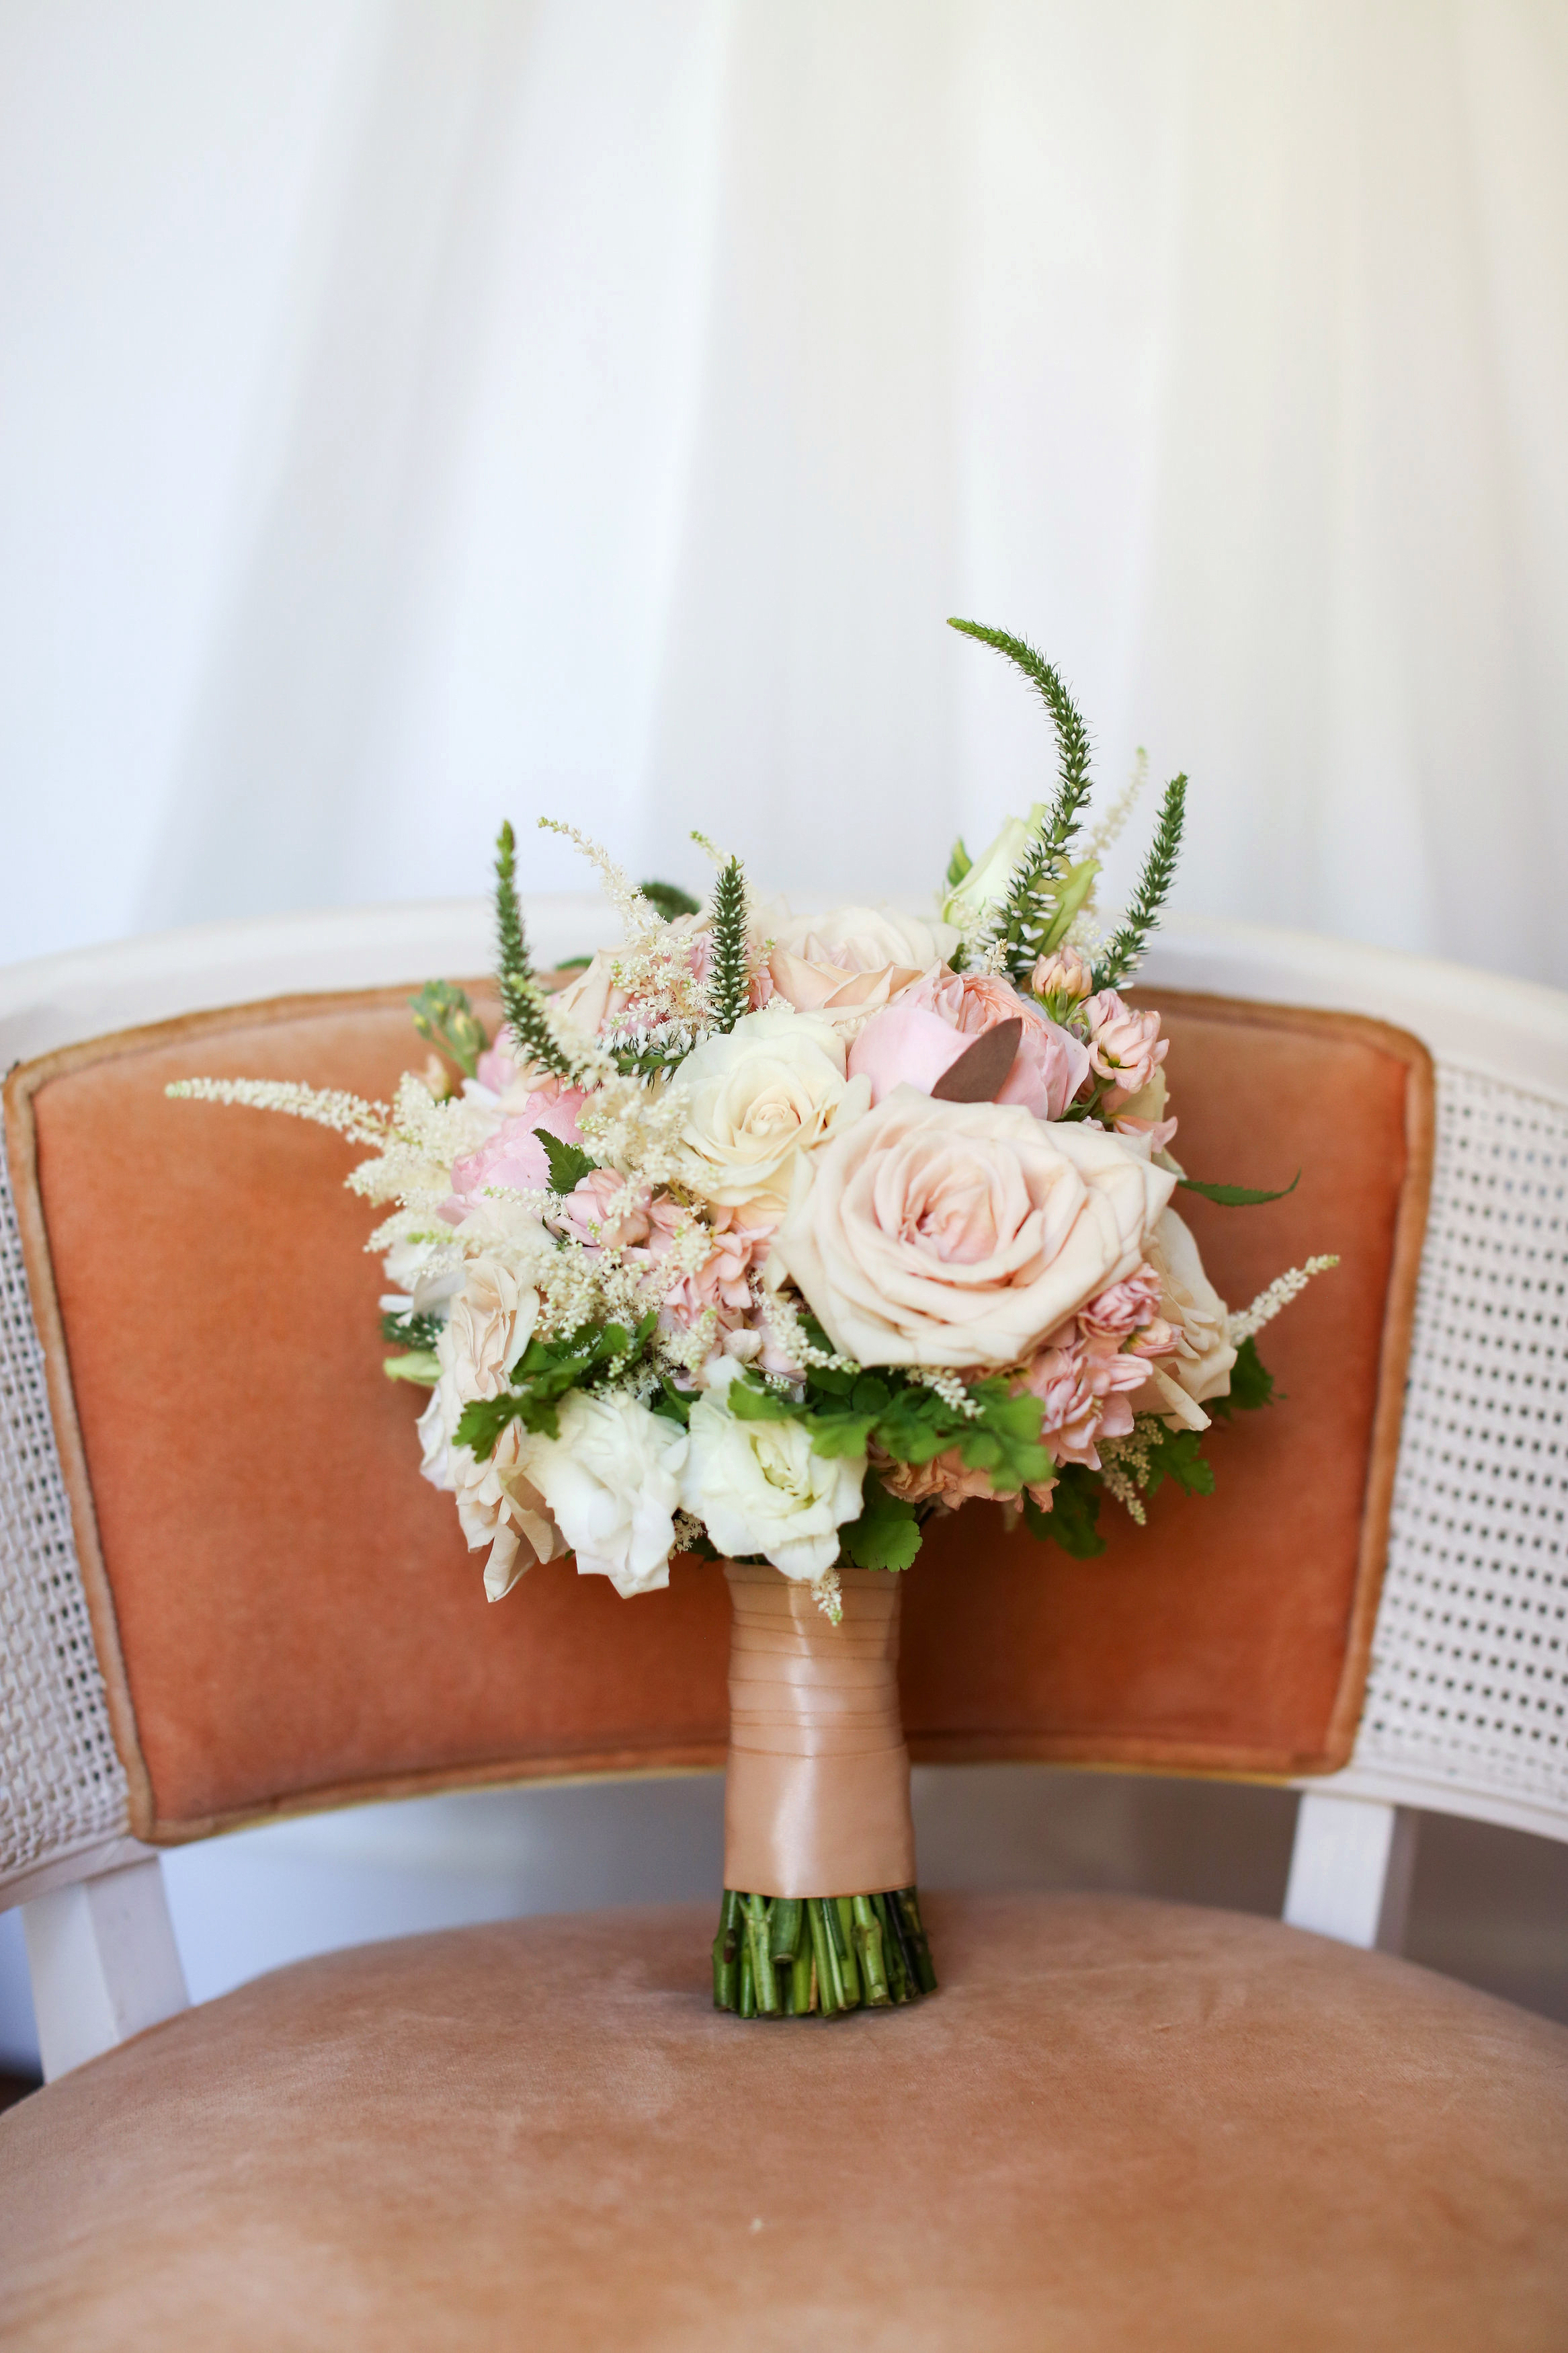 bouquet wraps flowers chair pastels